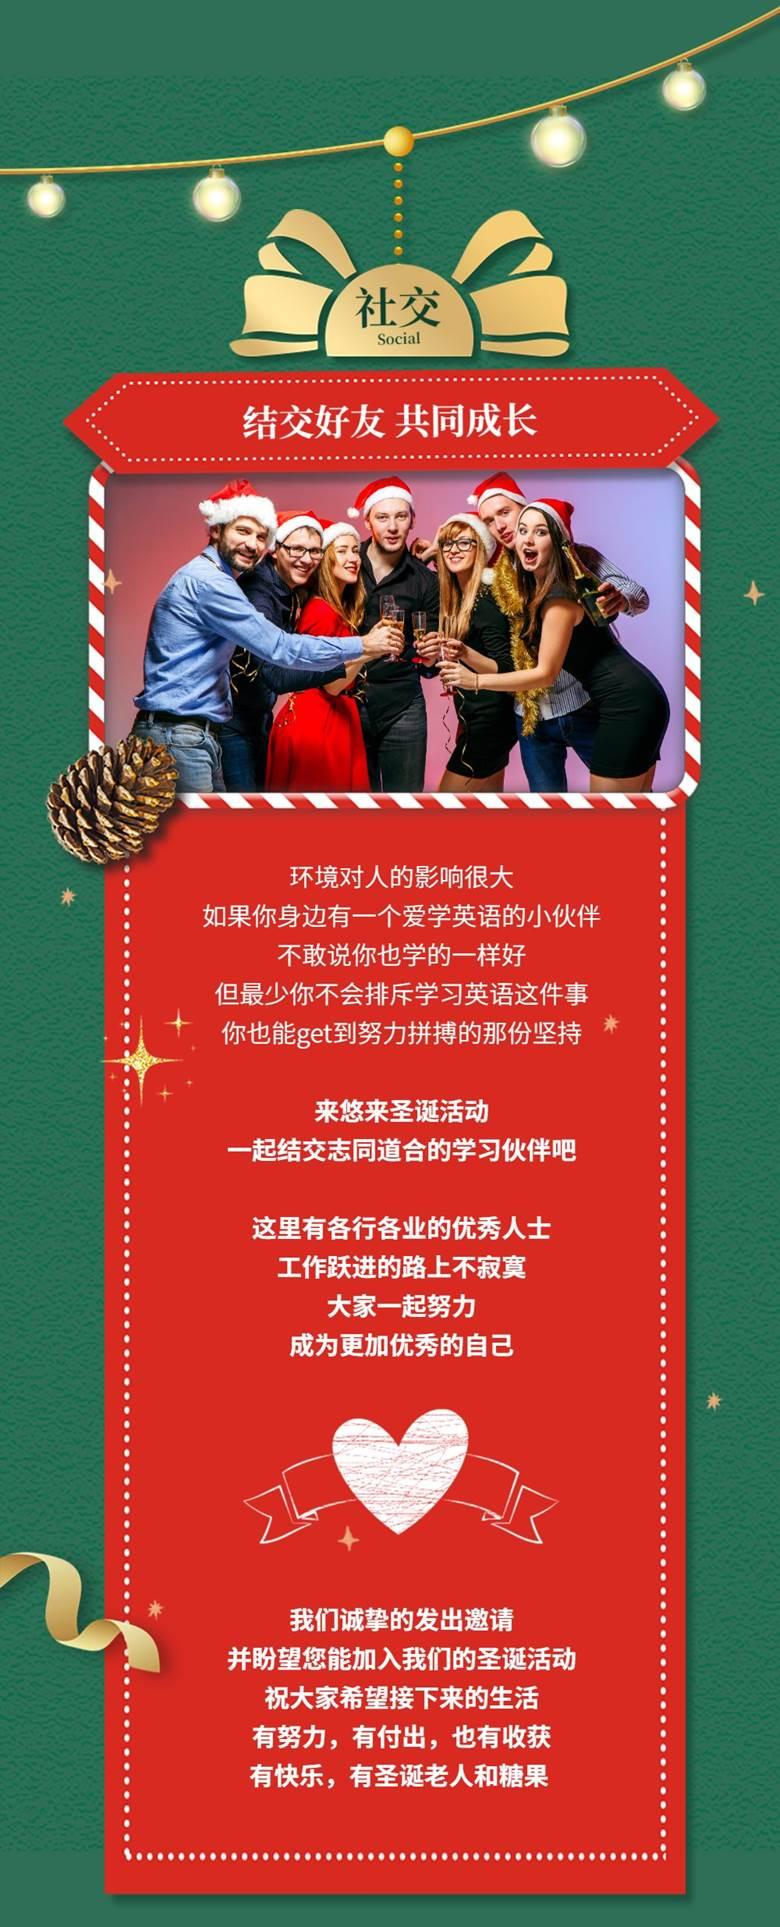 圣诞节圣诞树商场优惠亮灯活动长图-4.png